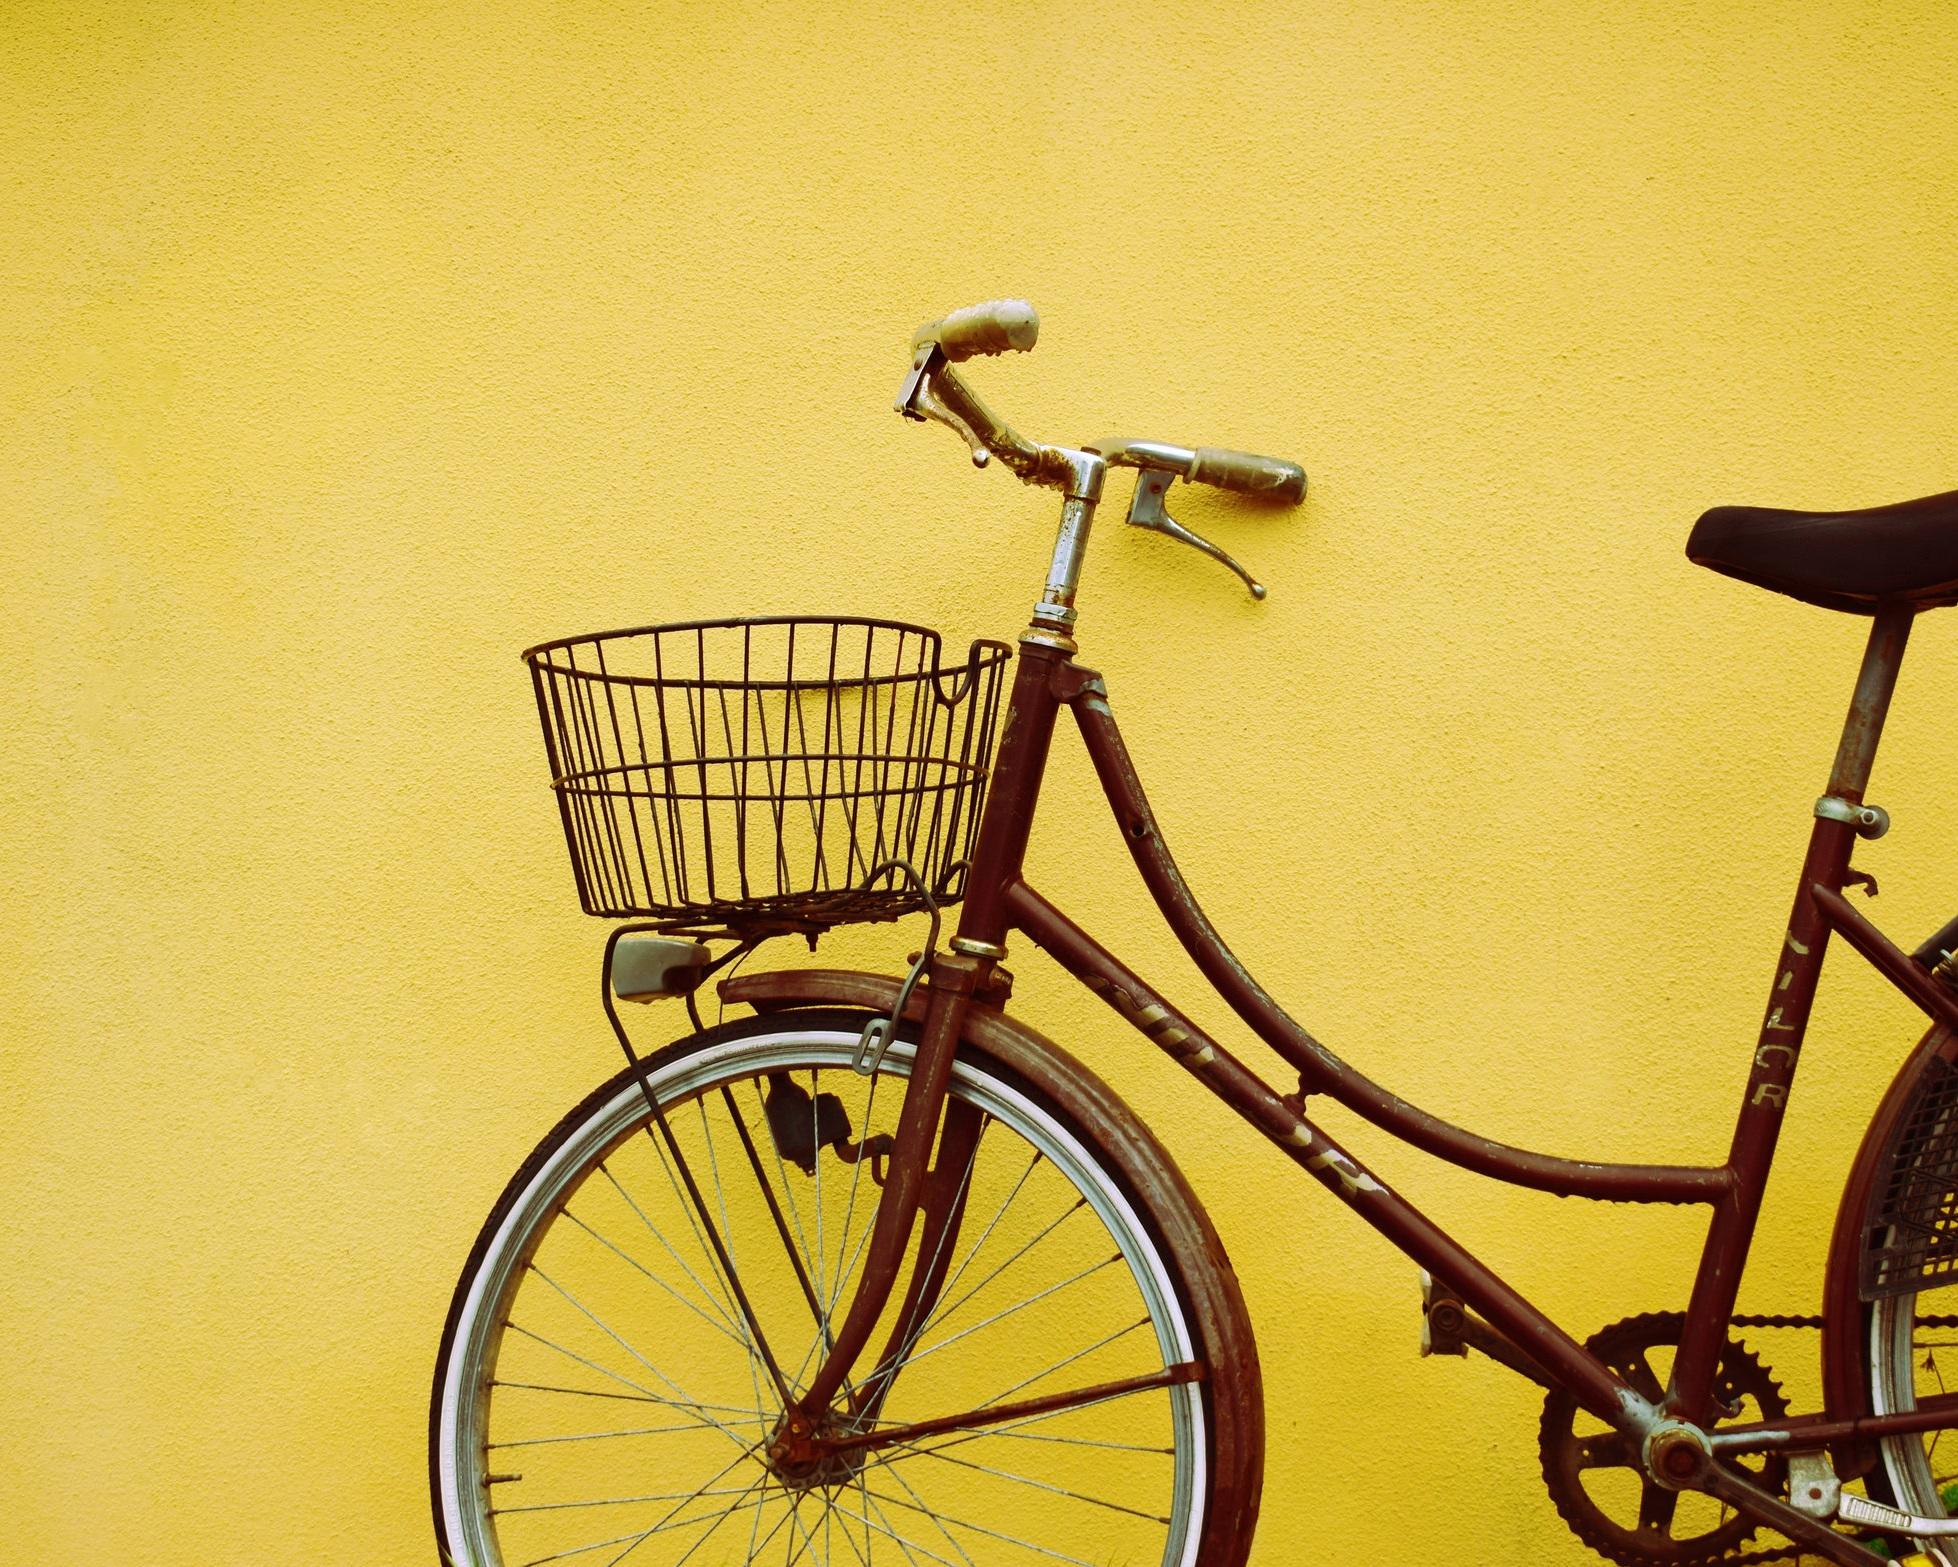 biking. -